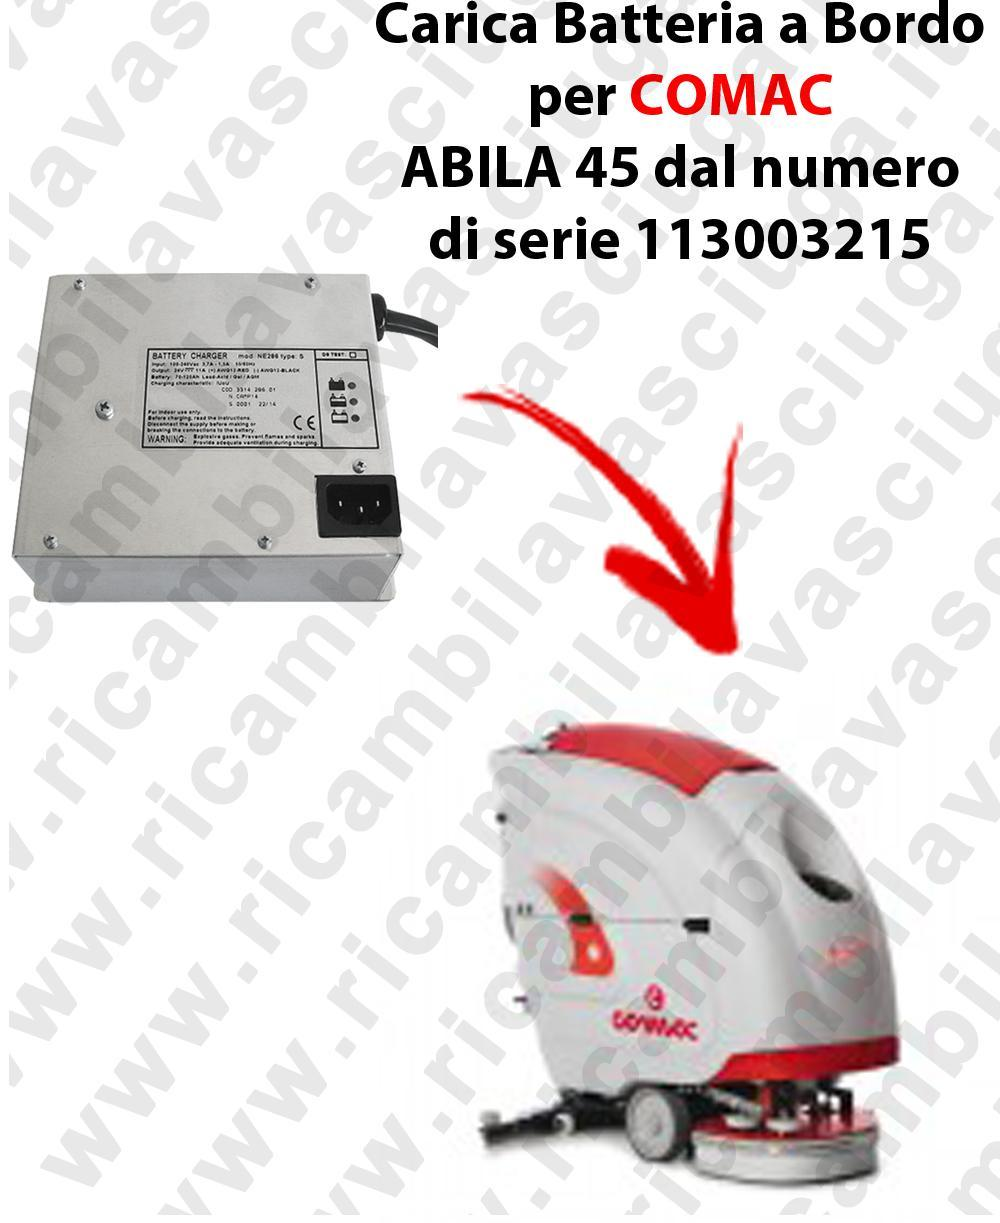 ABILA 45 von der Seriennummer 113003215-2 Batterieladegerät auf bord für scheuersaugmaschinen COMAC